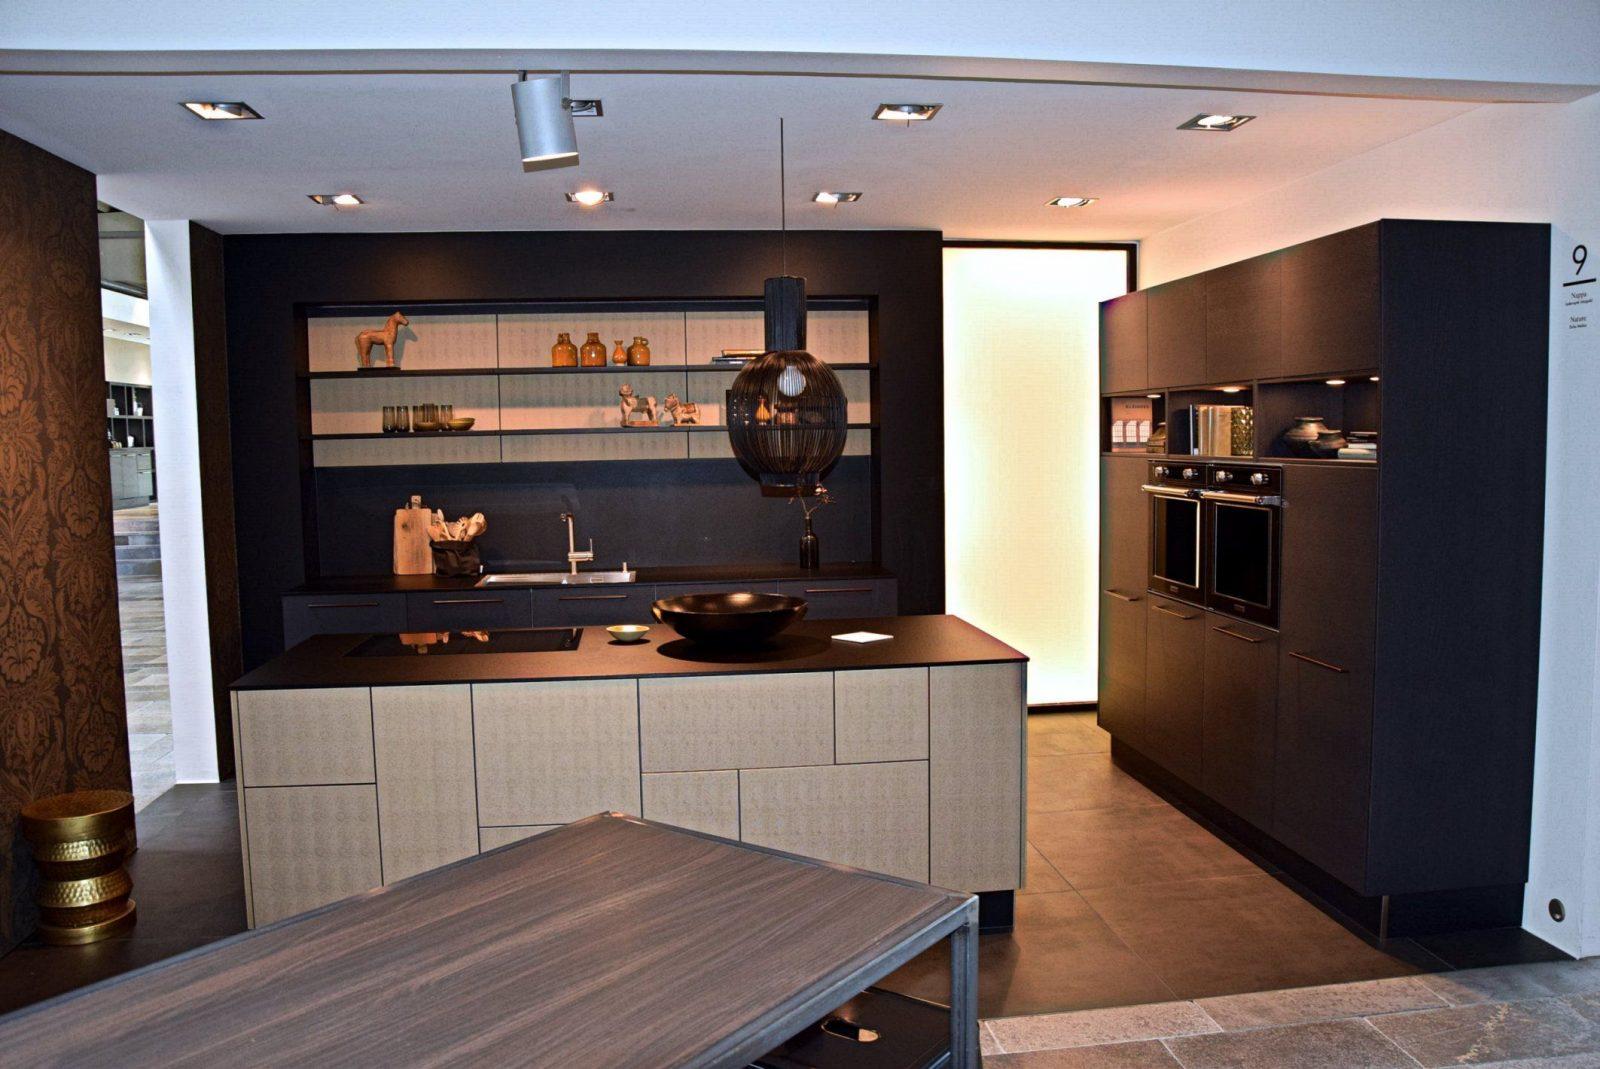 nolte k chen schubladeneinsatz kc3bcchen von nolte k chen schubladen einsatz photo haus design. Black Bedroom Furniture Sets. Home Design Ideas